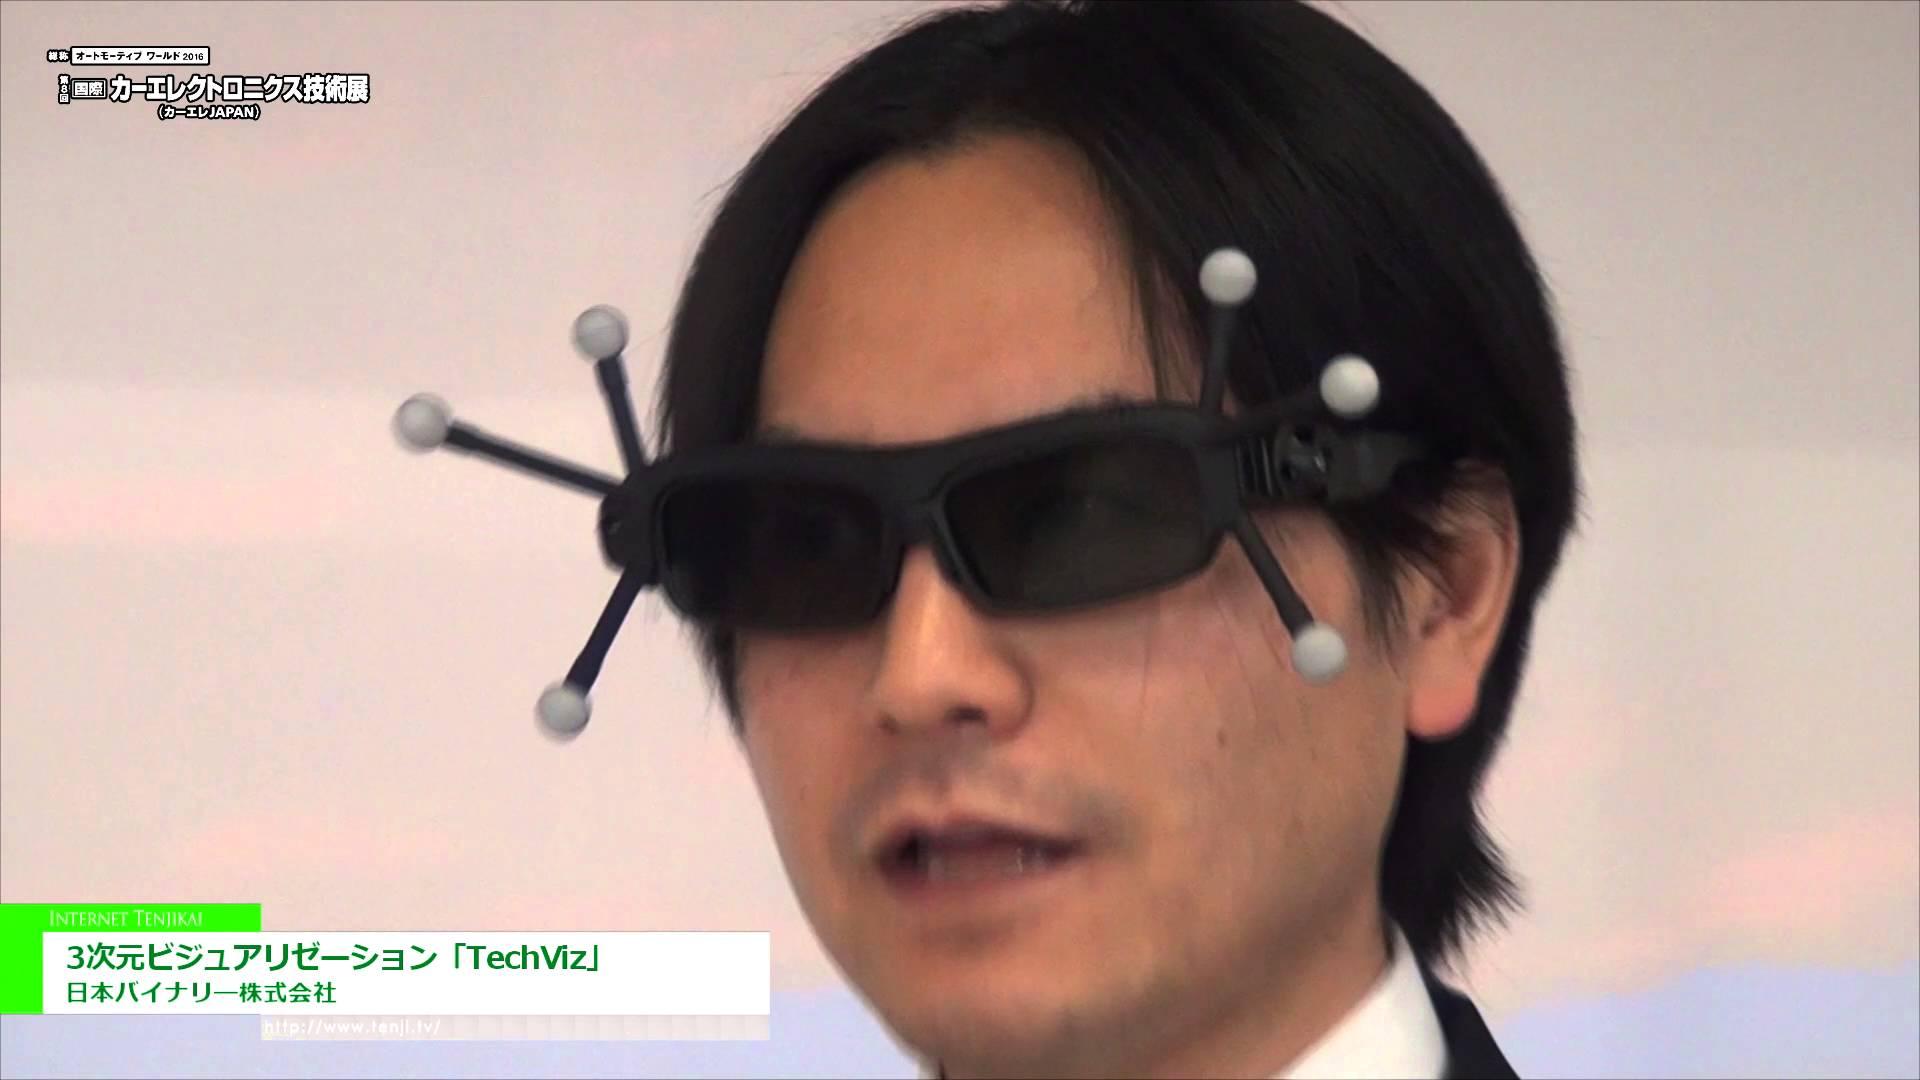 [第8回 [国際]カーエレクトロニクス技術展] 3次元ビジュアリゼーション「TechViz」 – 日本バイナリ―株式会社